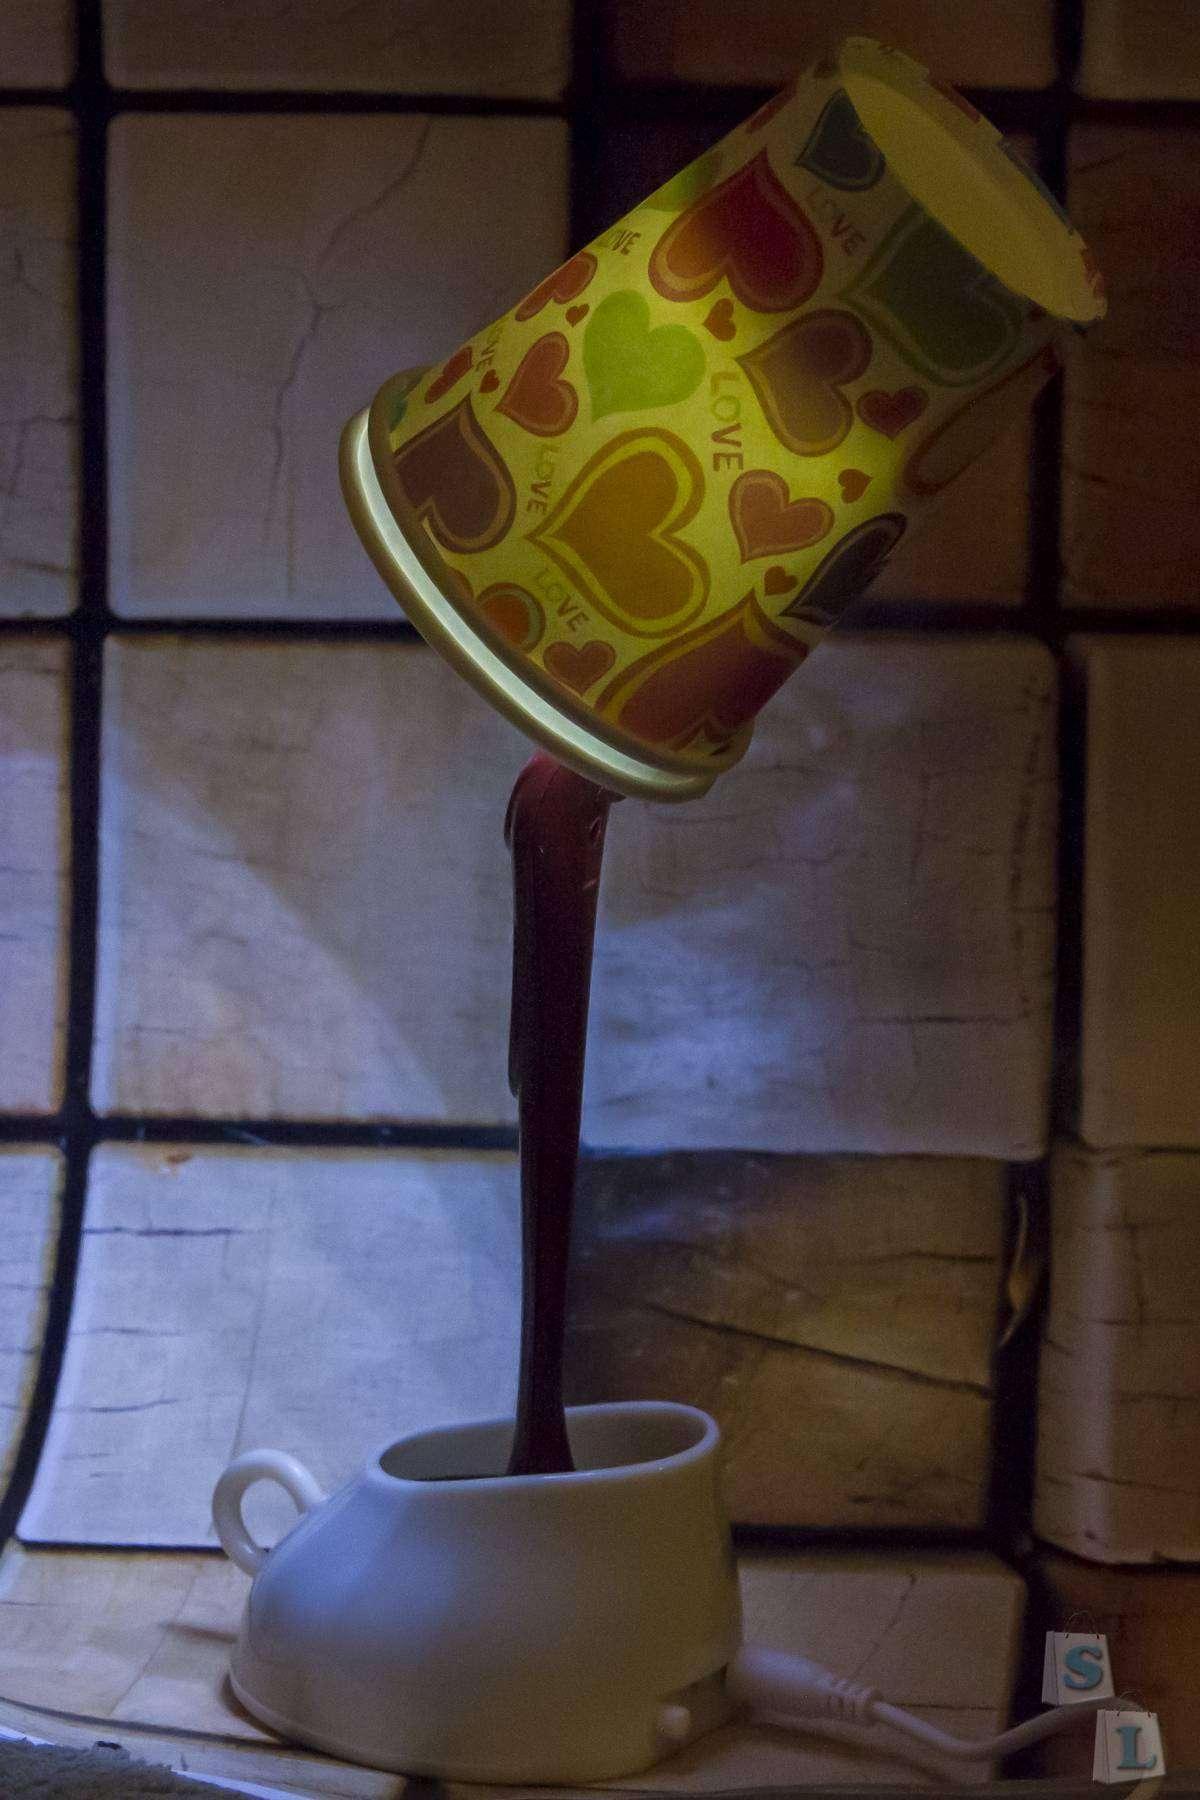 GearBest: Интересный ночник в виде чашки с шоколадом